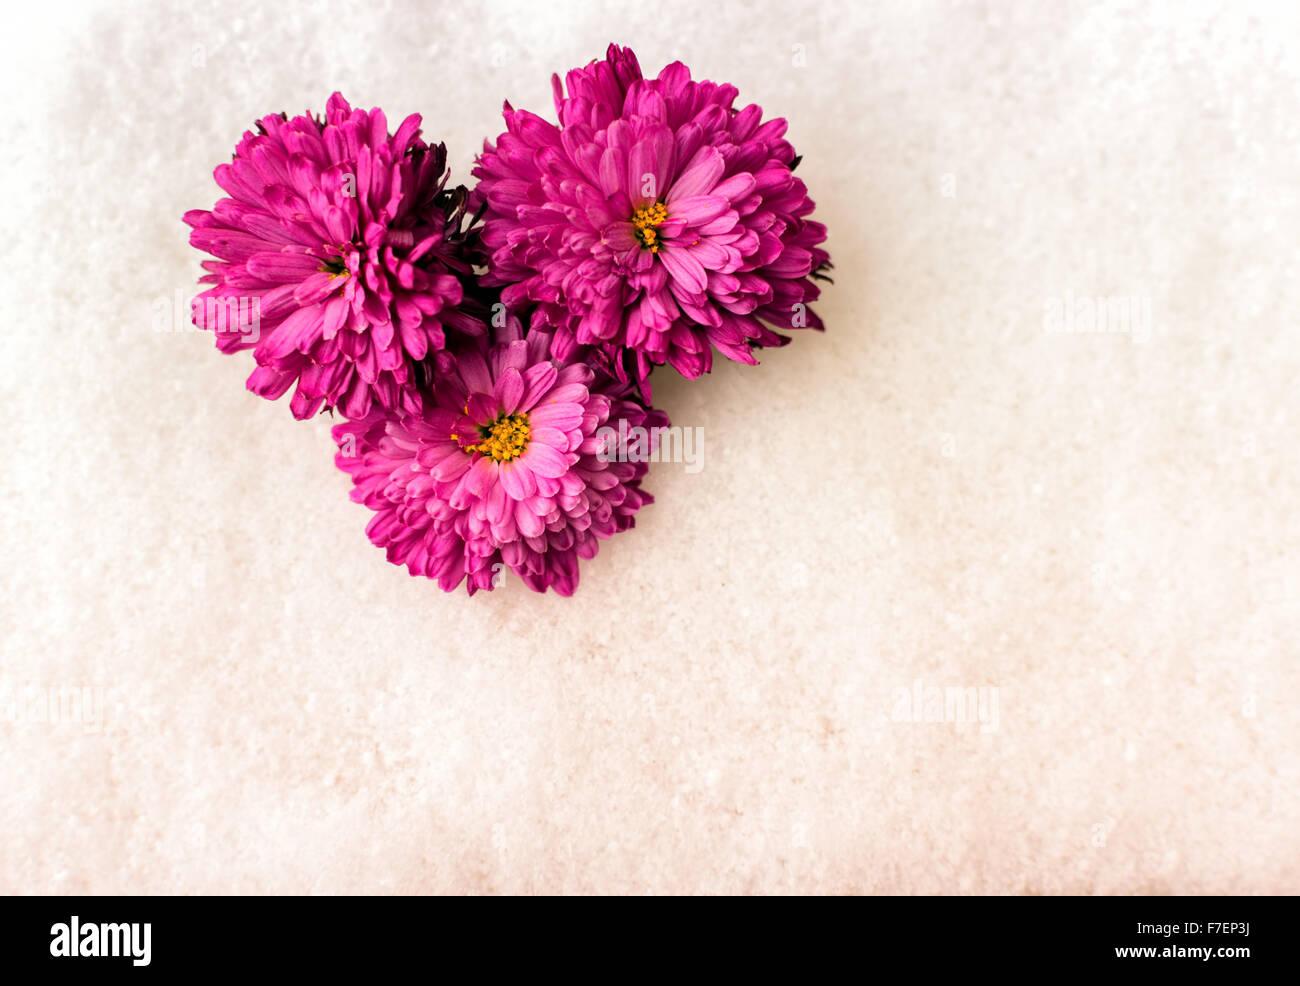 Tre Crisantemo Rosa Fiori Senza Peduncolo Giaceva Su Un Bianco Della